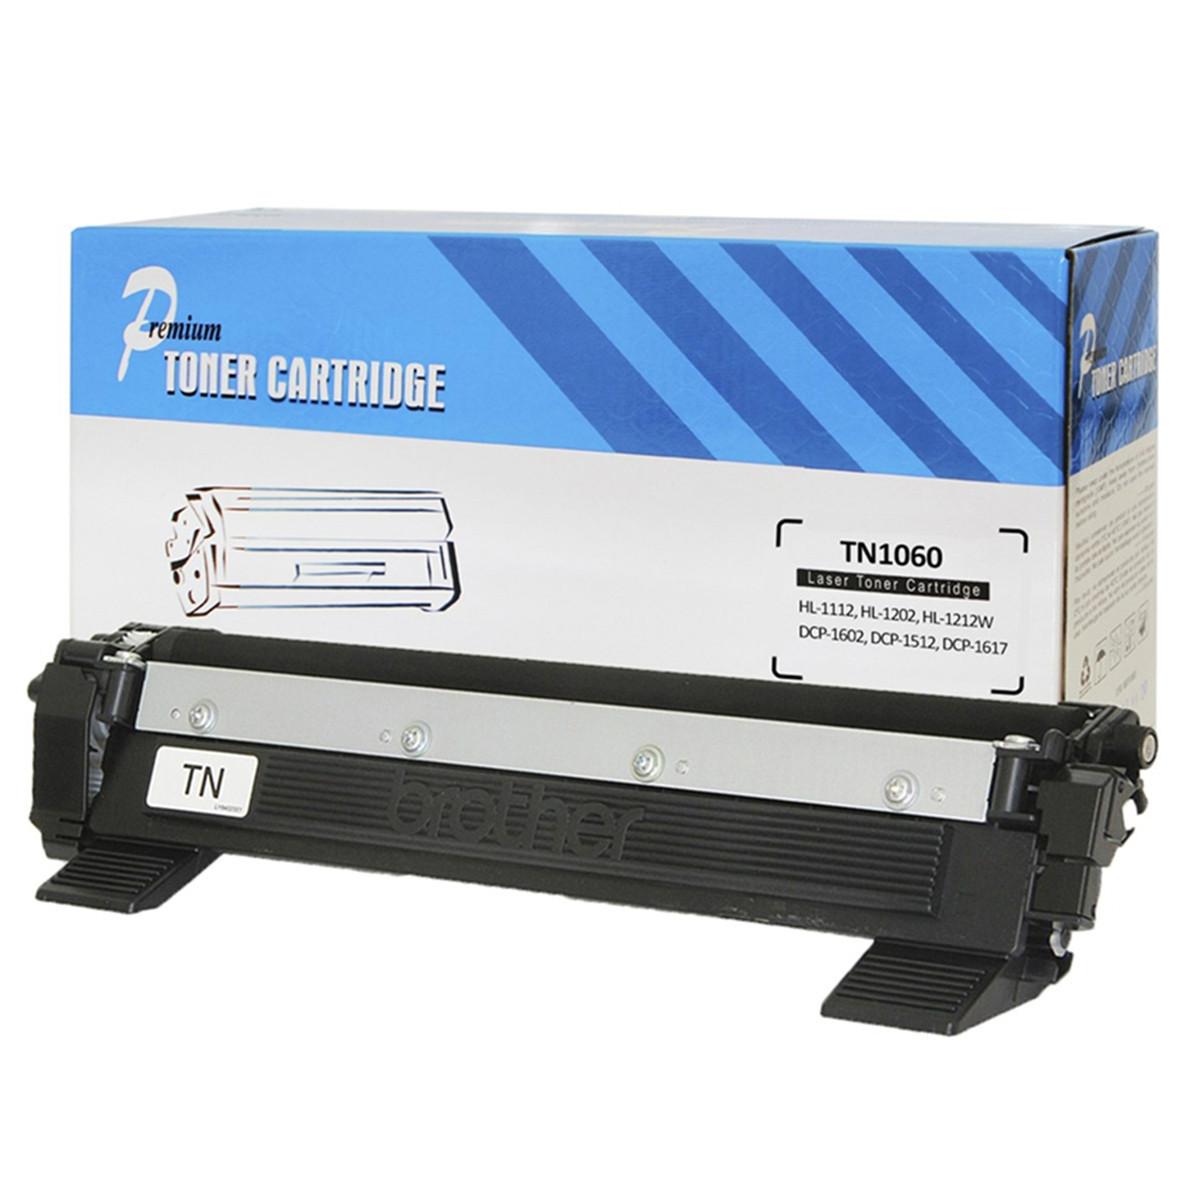 Caixa com 20 Toner Compatível com Brother TN-1060 | 1112 1202 1212 1602 1512 1617 | Premium